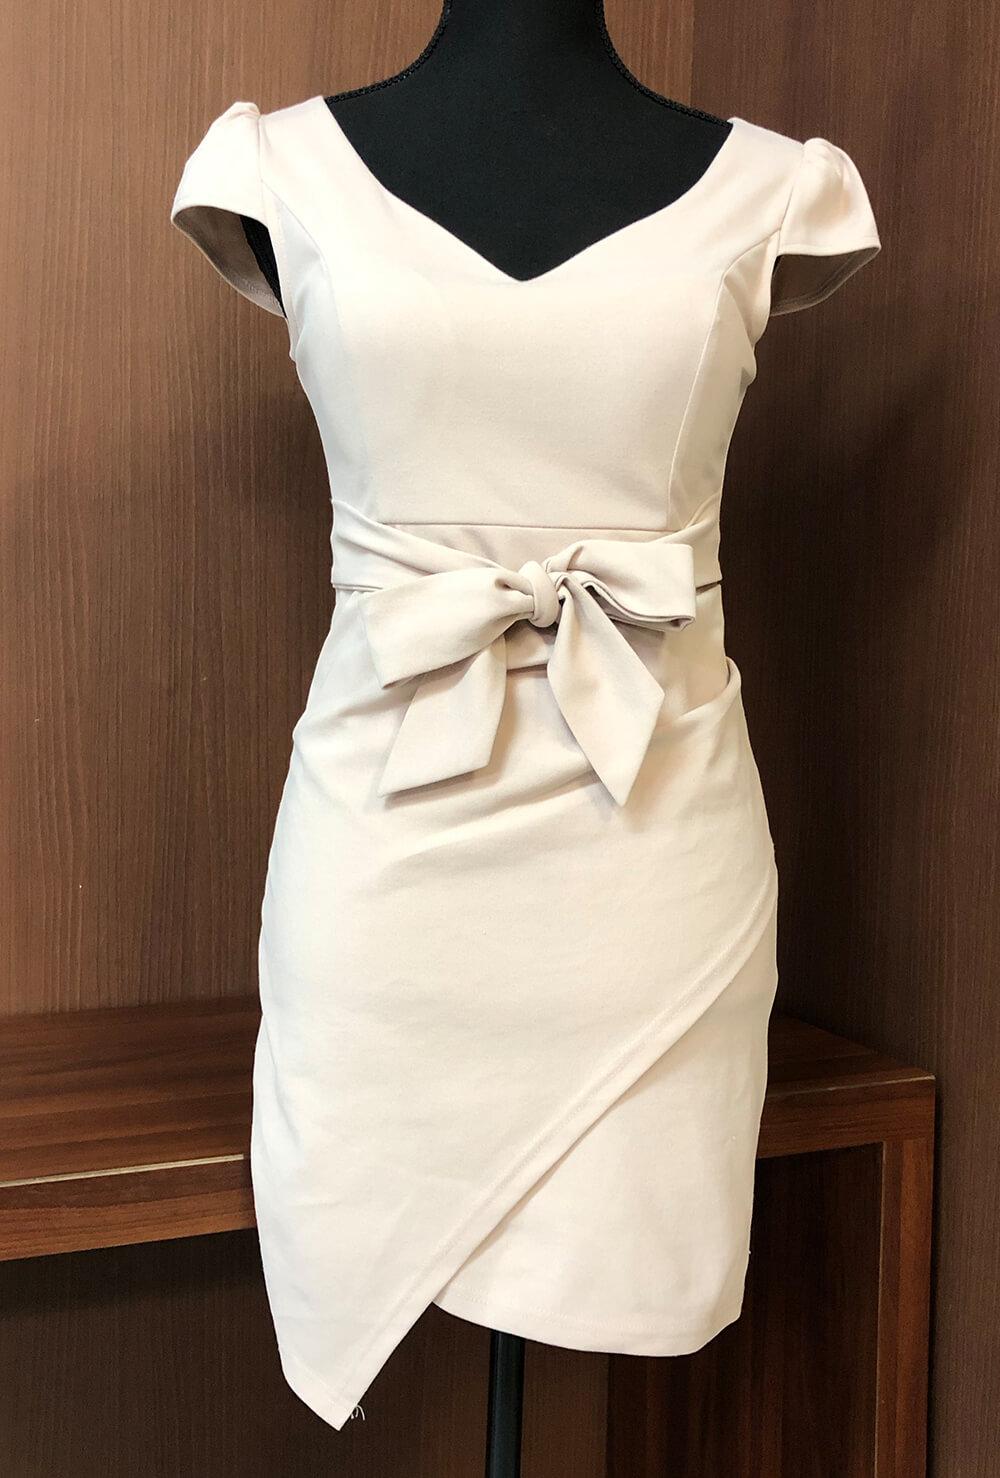 シンプルなデコルテラインのドレス